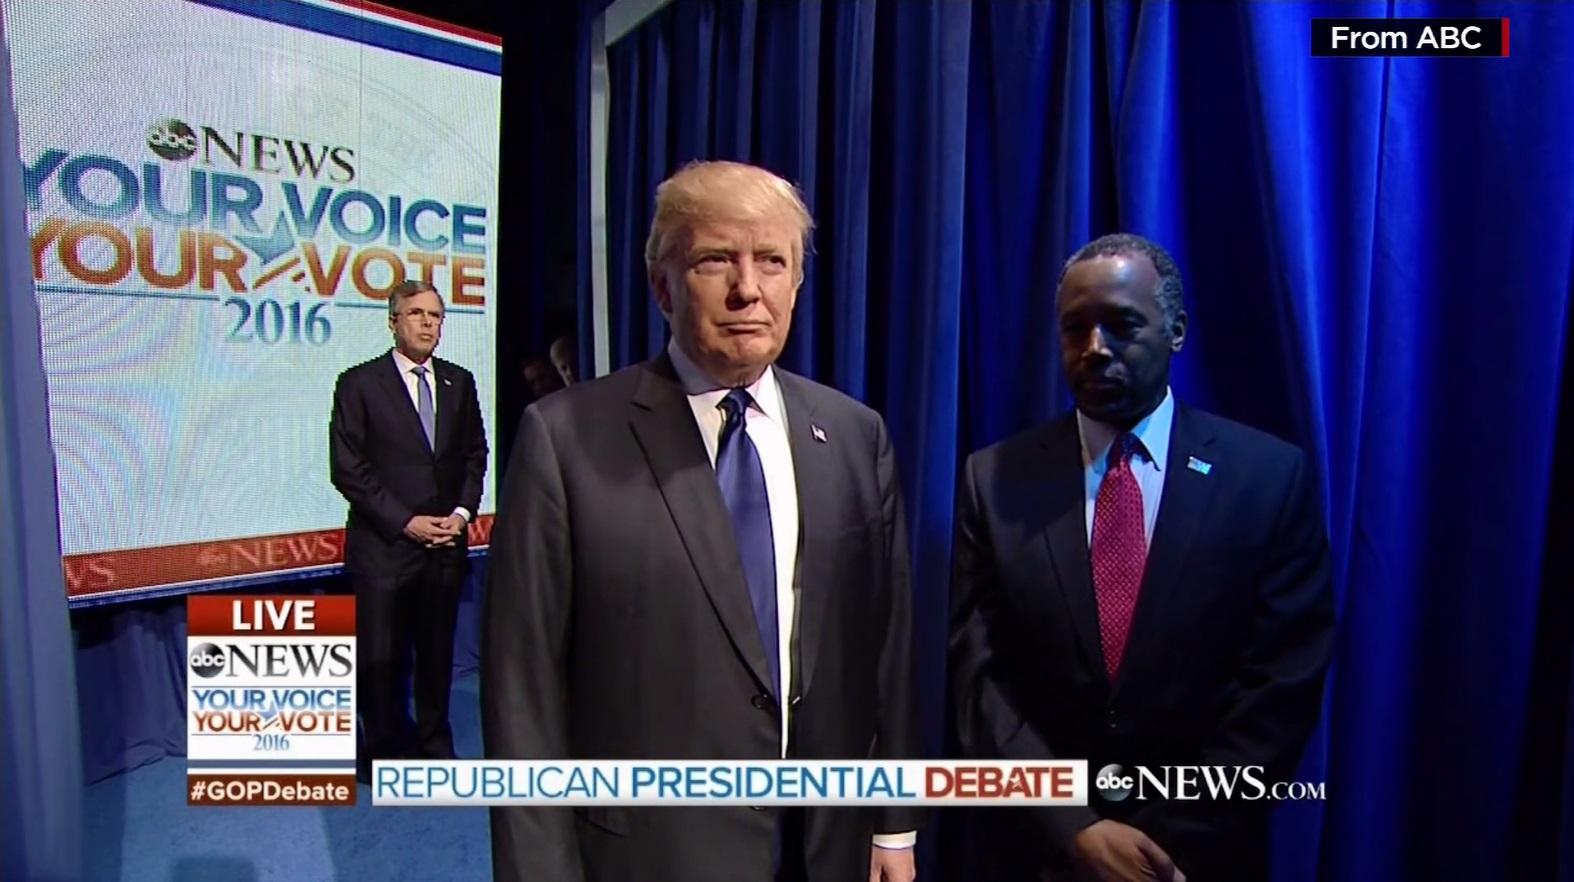 abc presidential debate cnn_142265